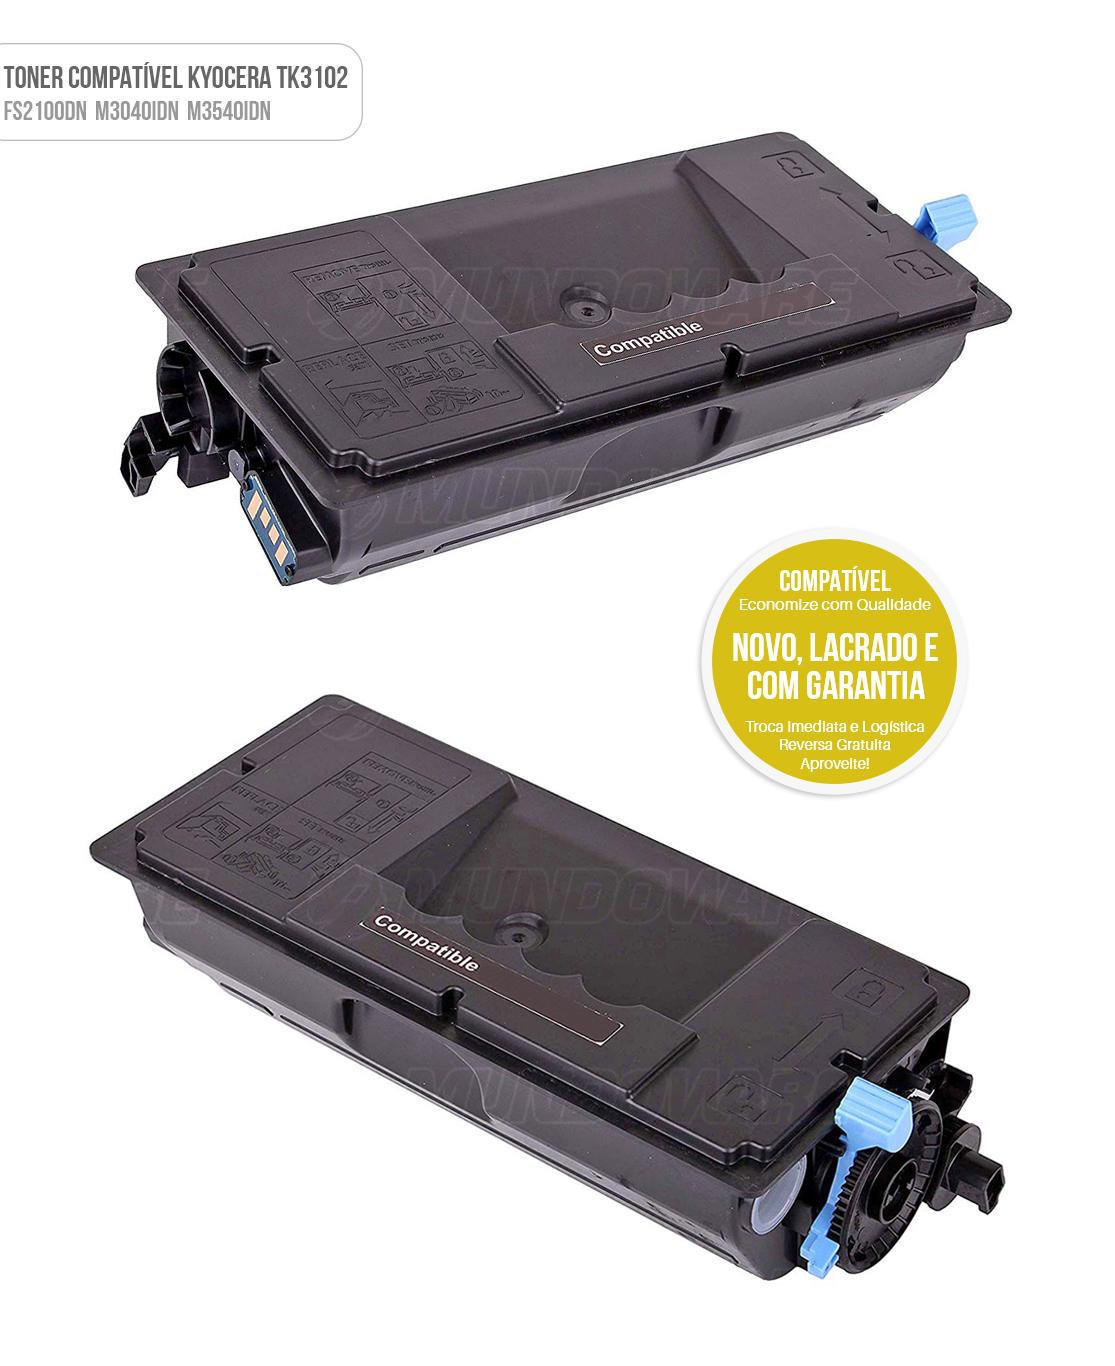 Toner Compatível TK3102 TK-3102 para Kyocera Tonner